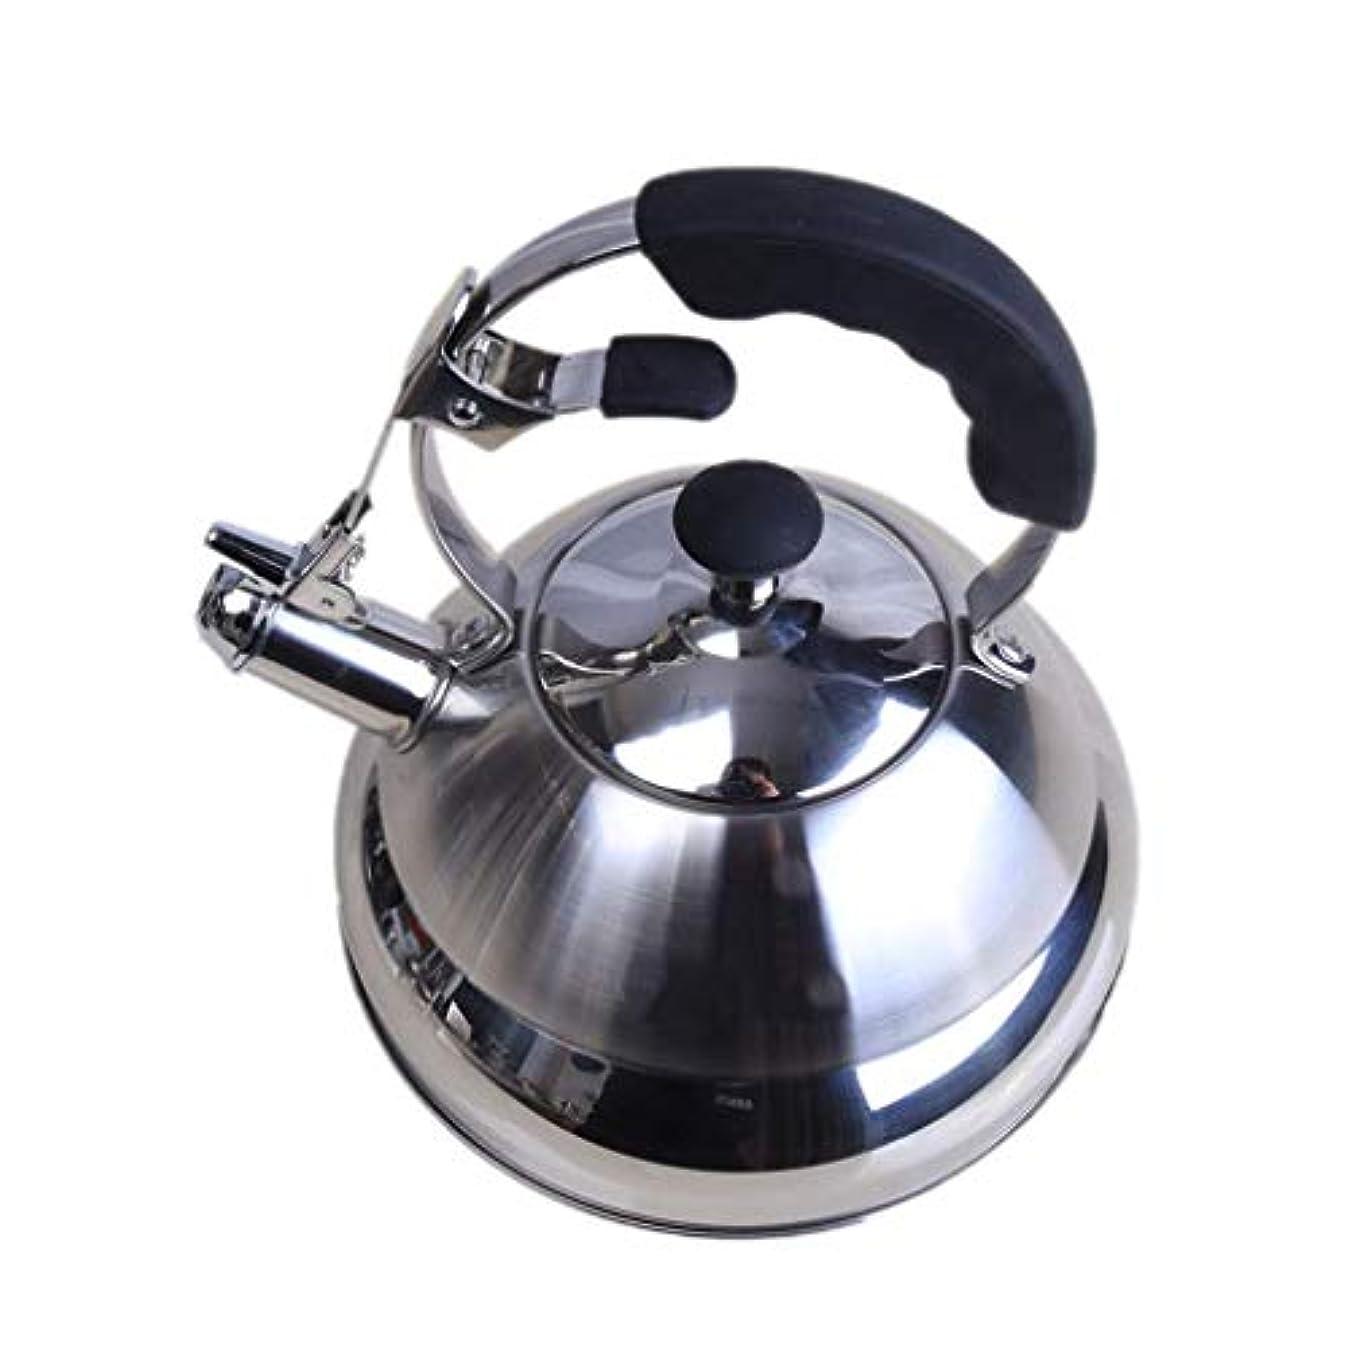 ピアースファブリックドロー電気ケトル、2.5Lキャンプ口笛ケトルティーポットは、電磁調理器のガスストーブに適用できます。